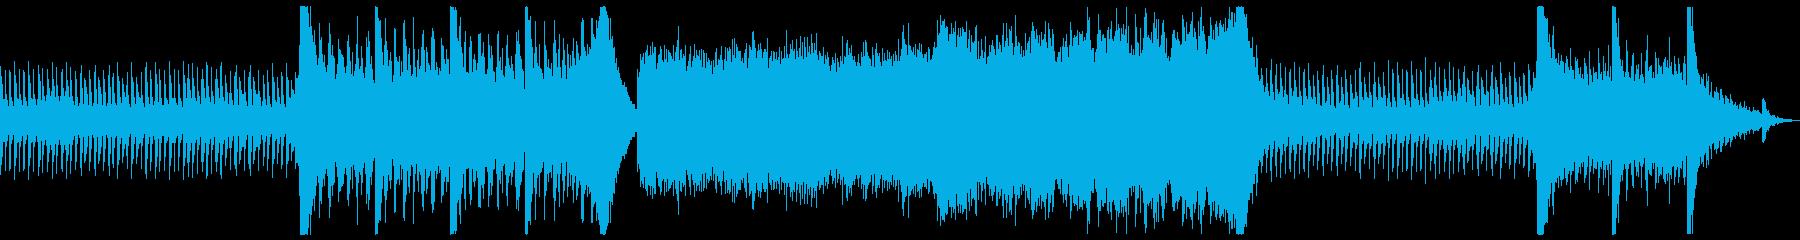 サスペンスが一気に急展開する曲の再生済みの波形